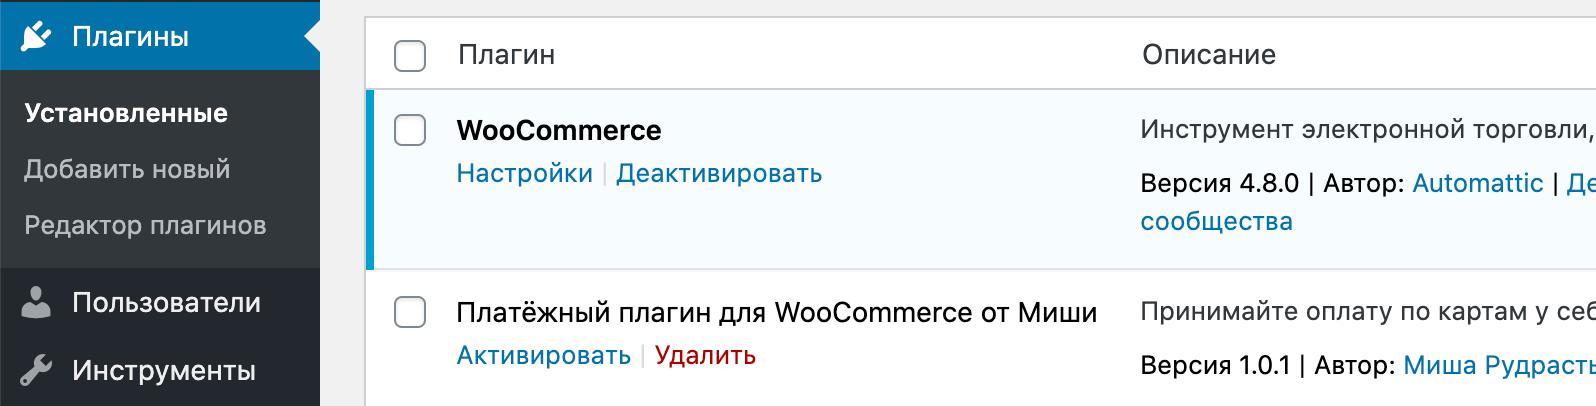 платёжный плагин для WooCommerce